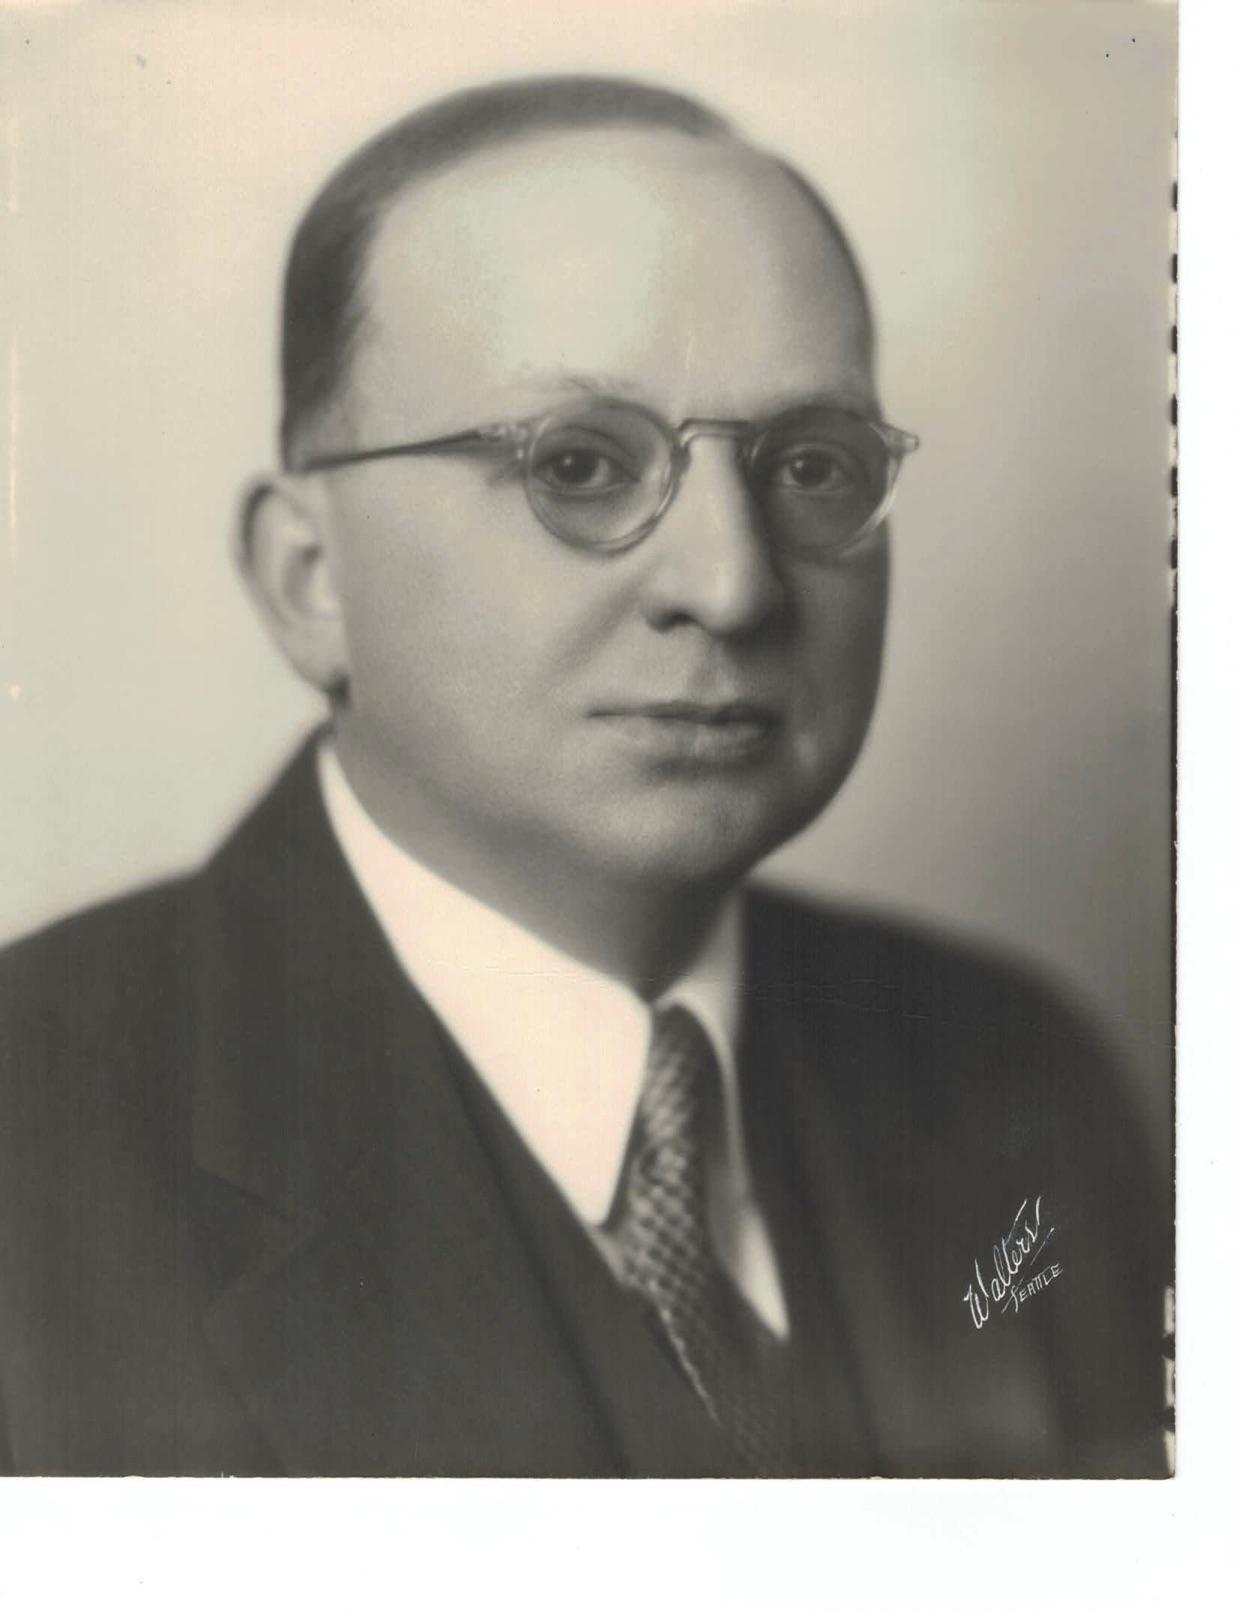 GEORGE E. MAIN 1936-37